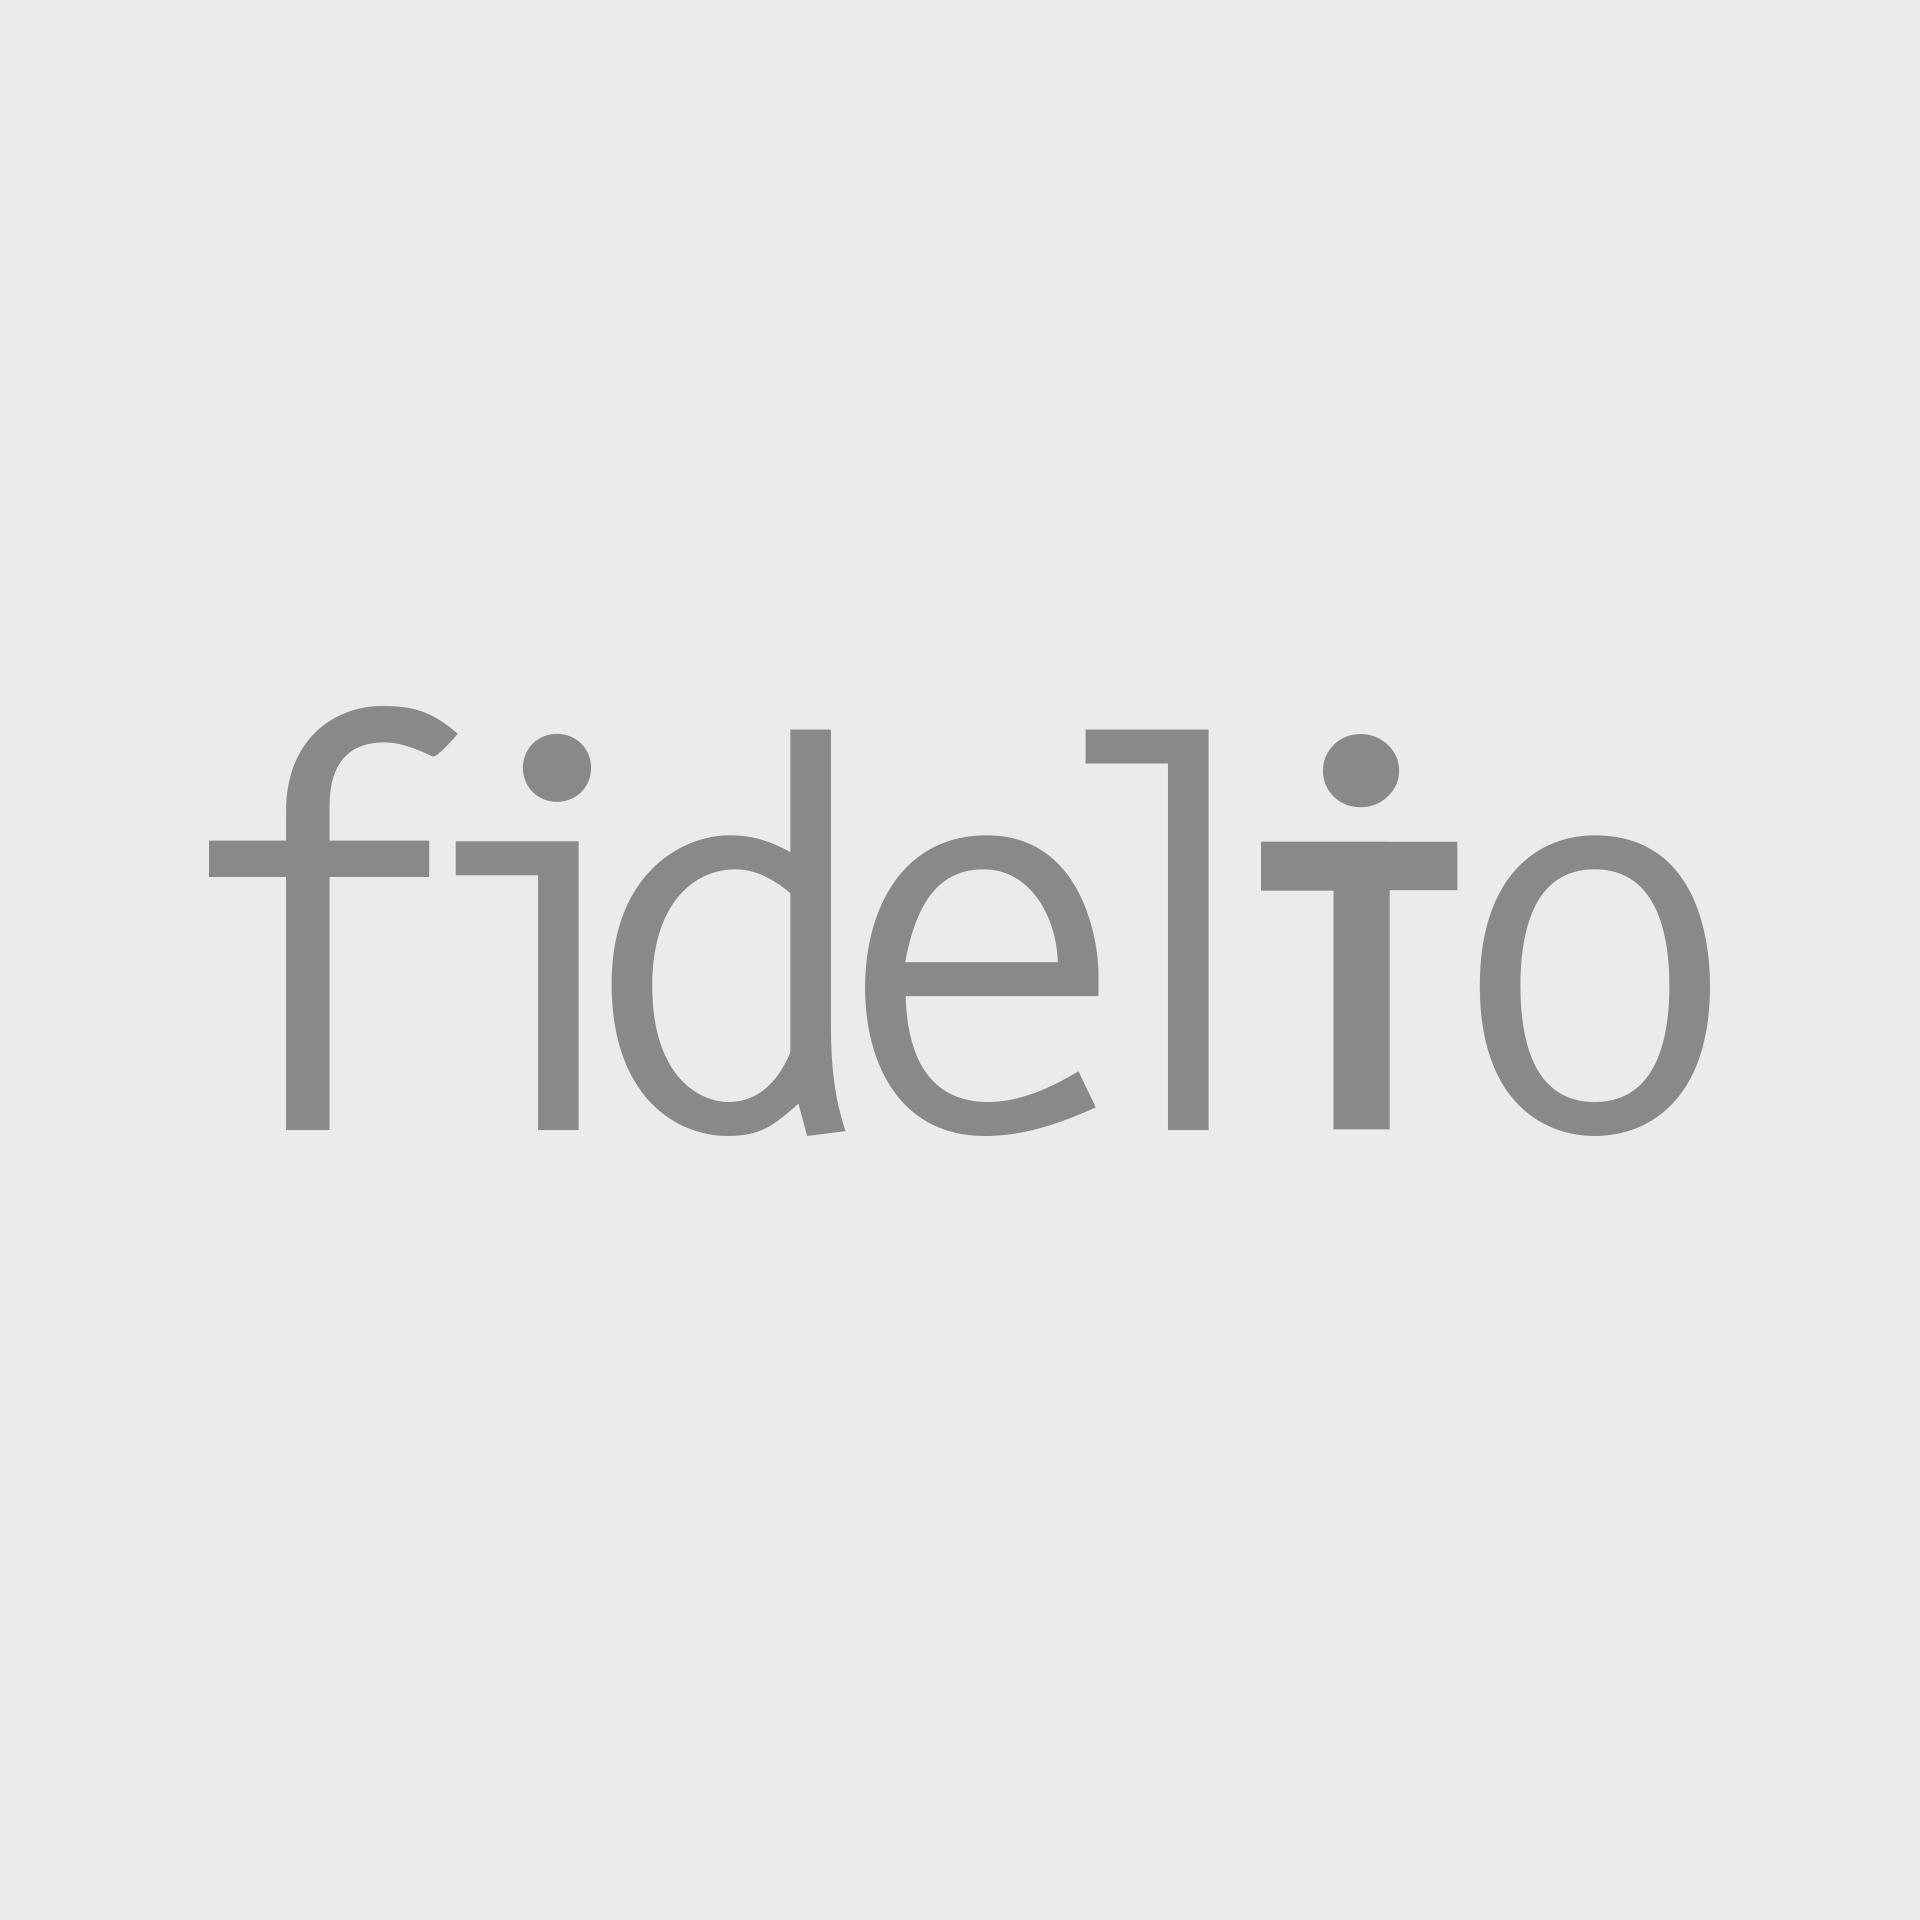 Peter Farago Ingela Klemetz Farago 02 2